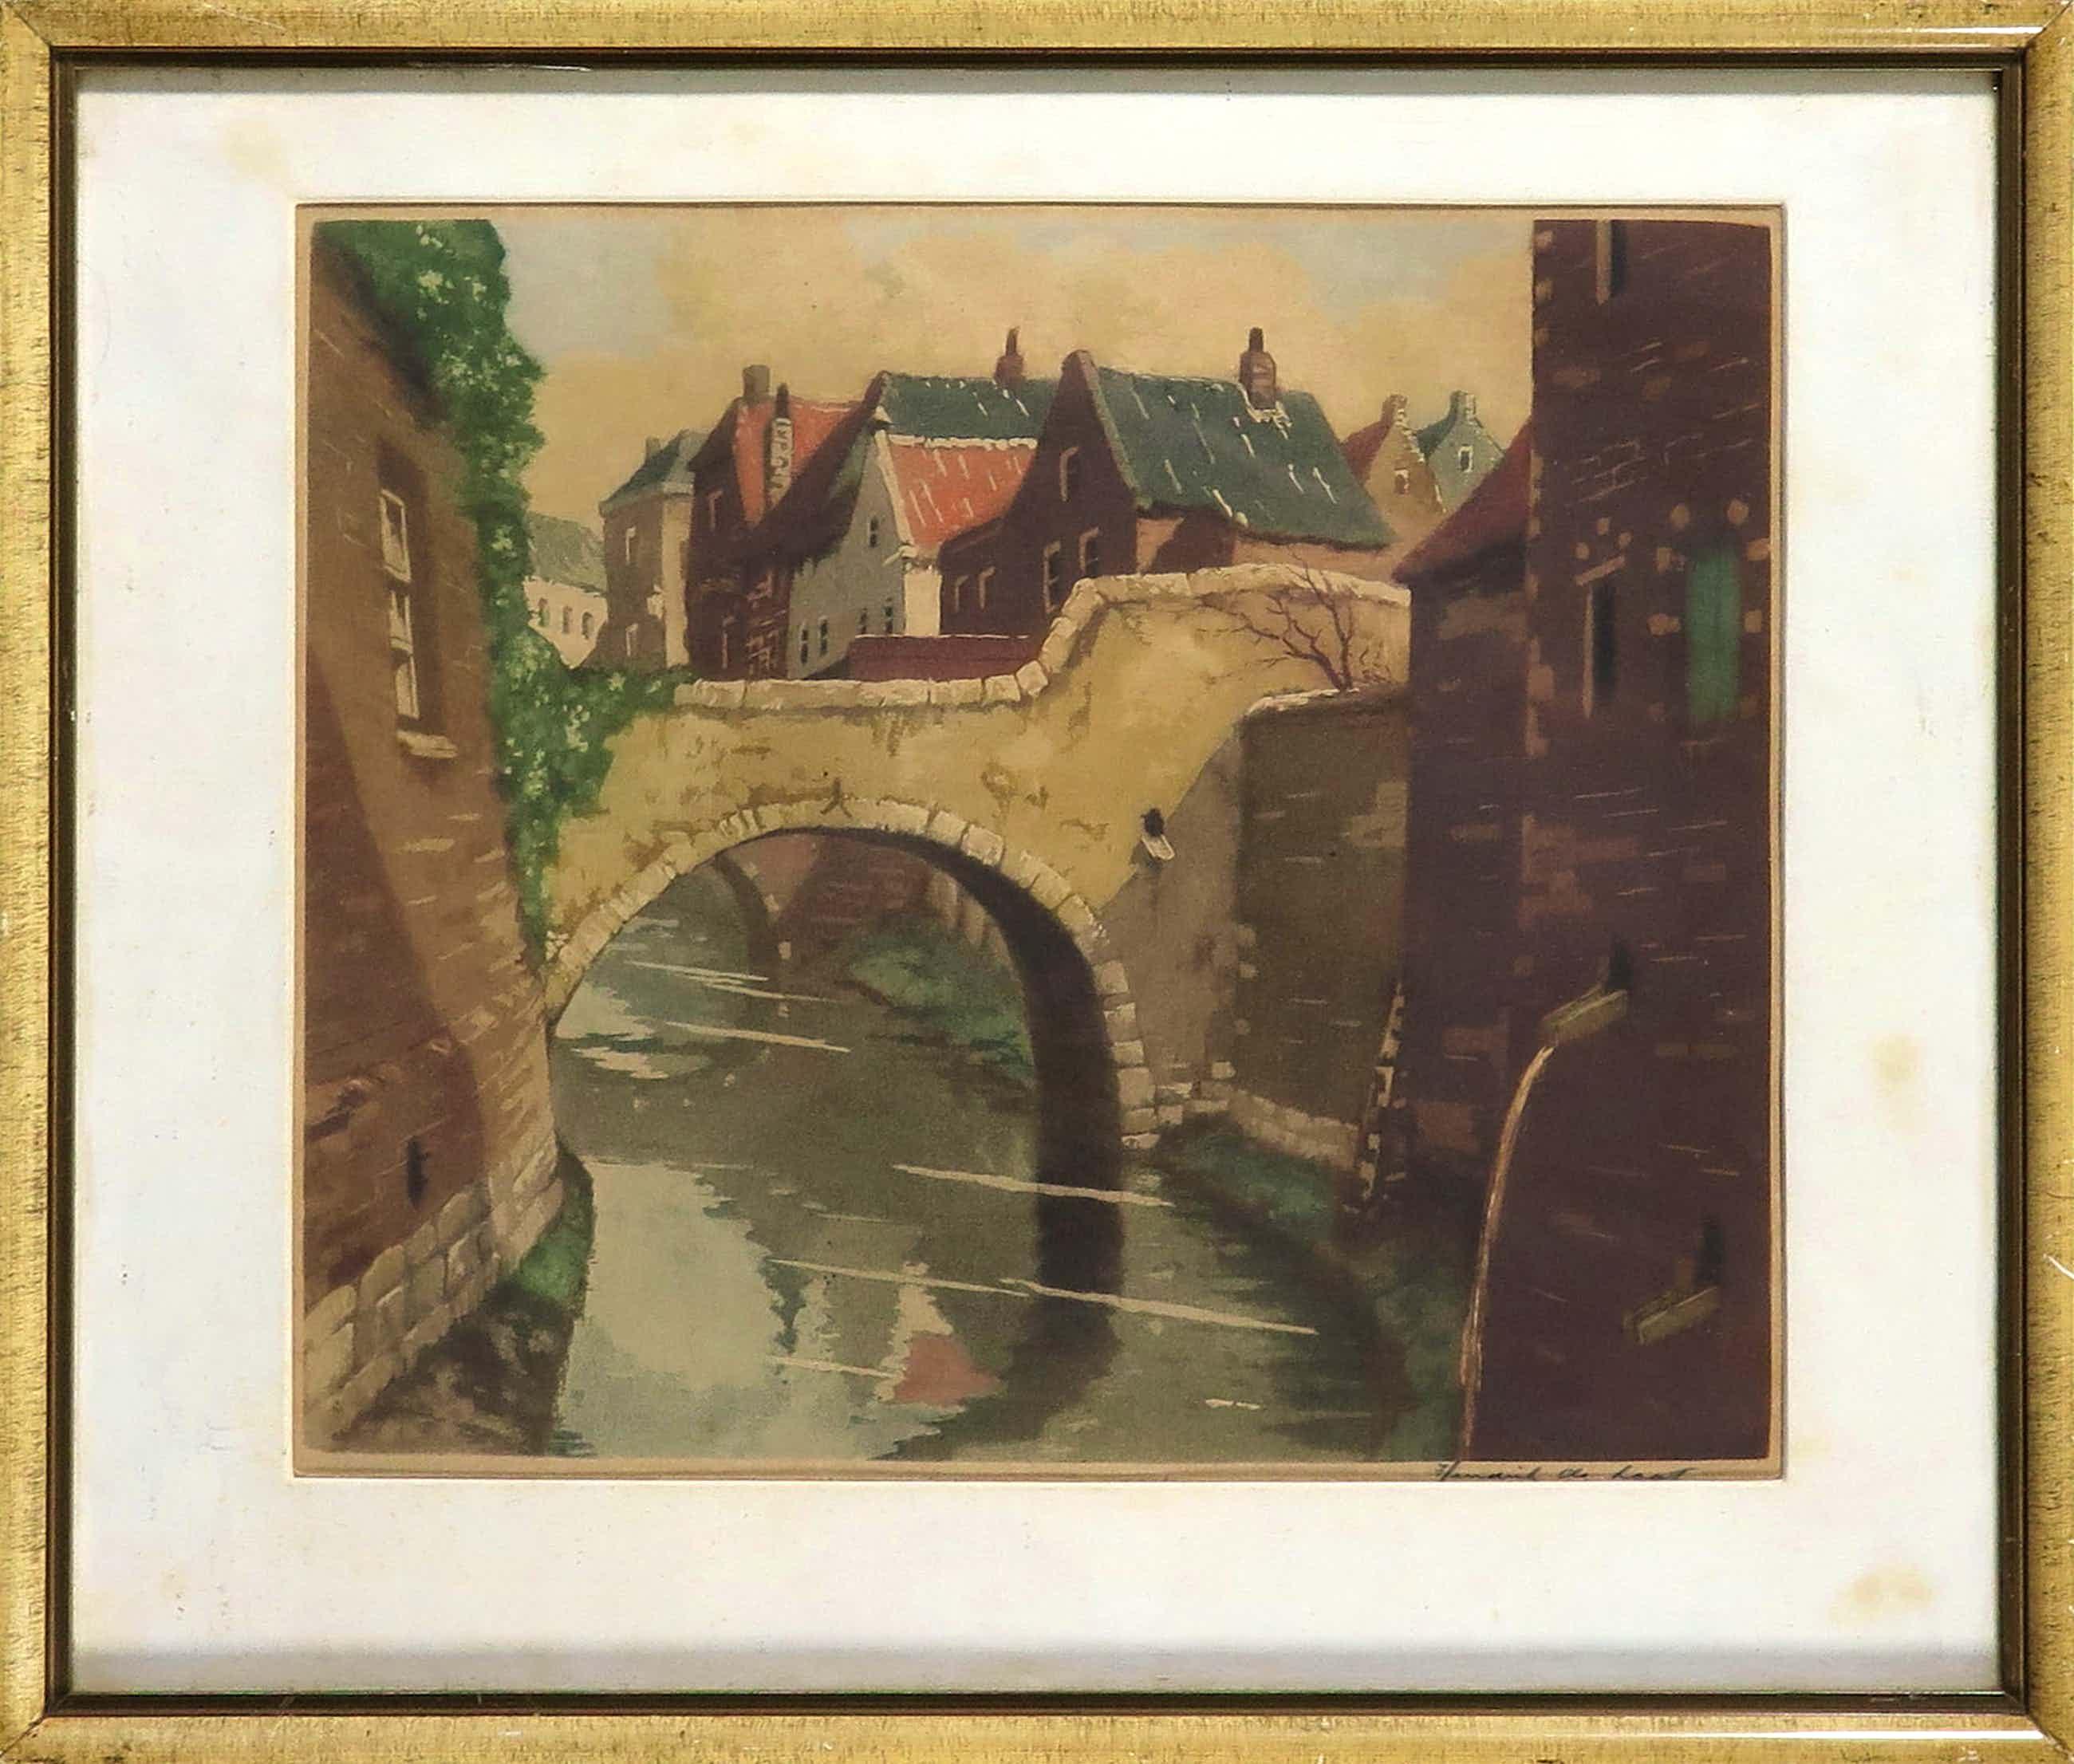 Hendrik de Laat - Aquatint, Stadsgezicht Den Bosch Lieve Vrouwenbrug - Ingelijst kopen? Bied vanaf 40!